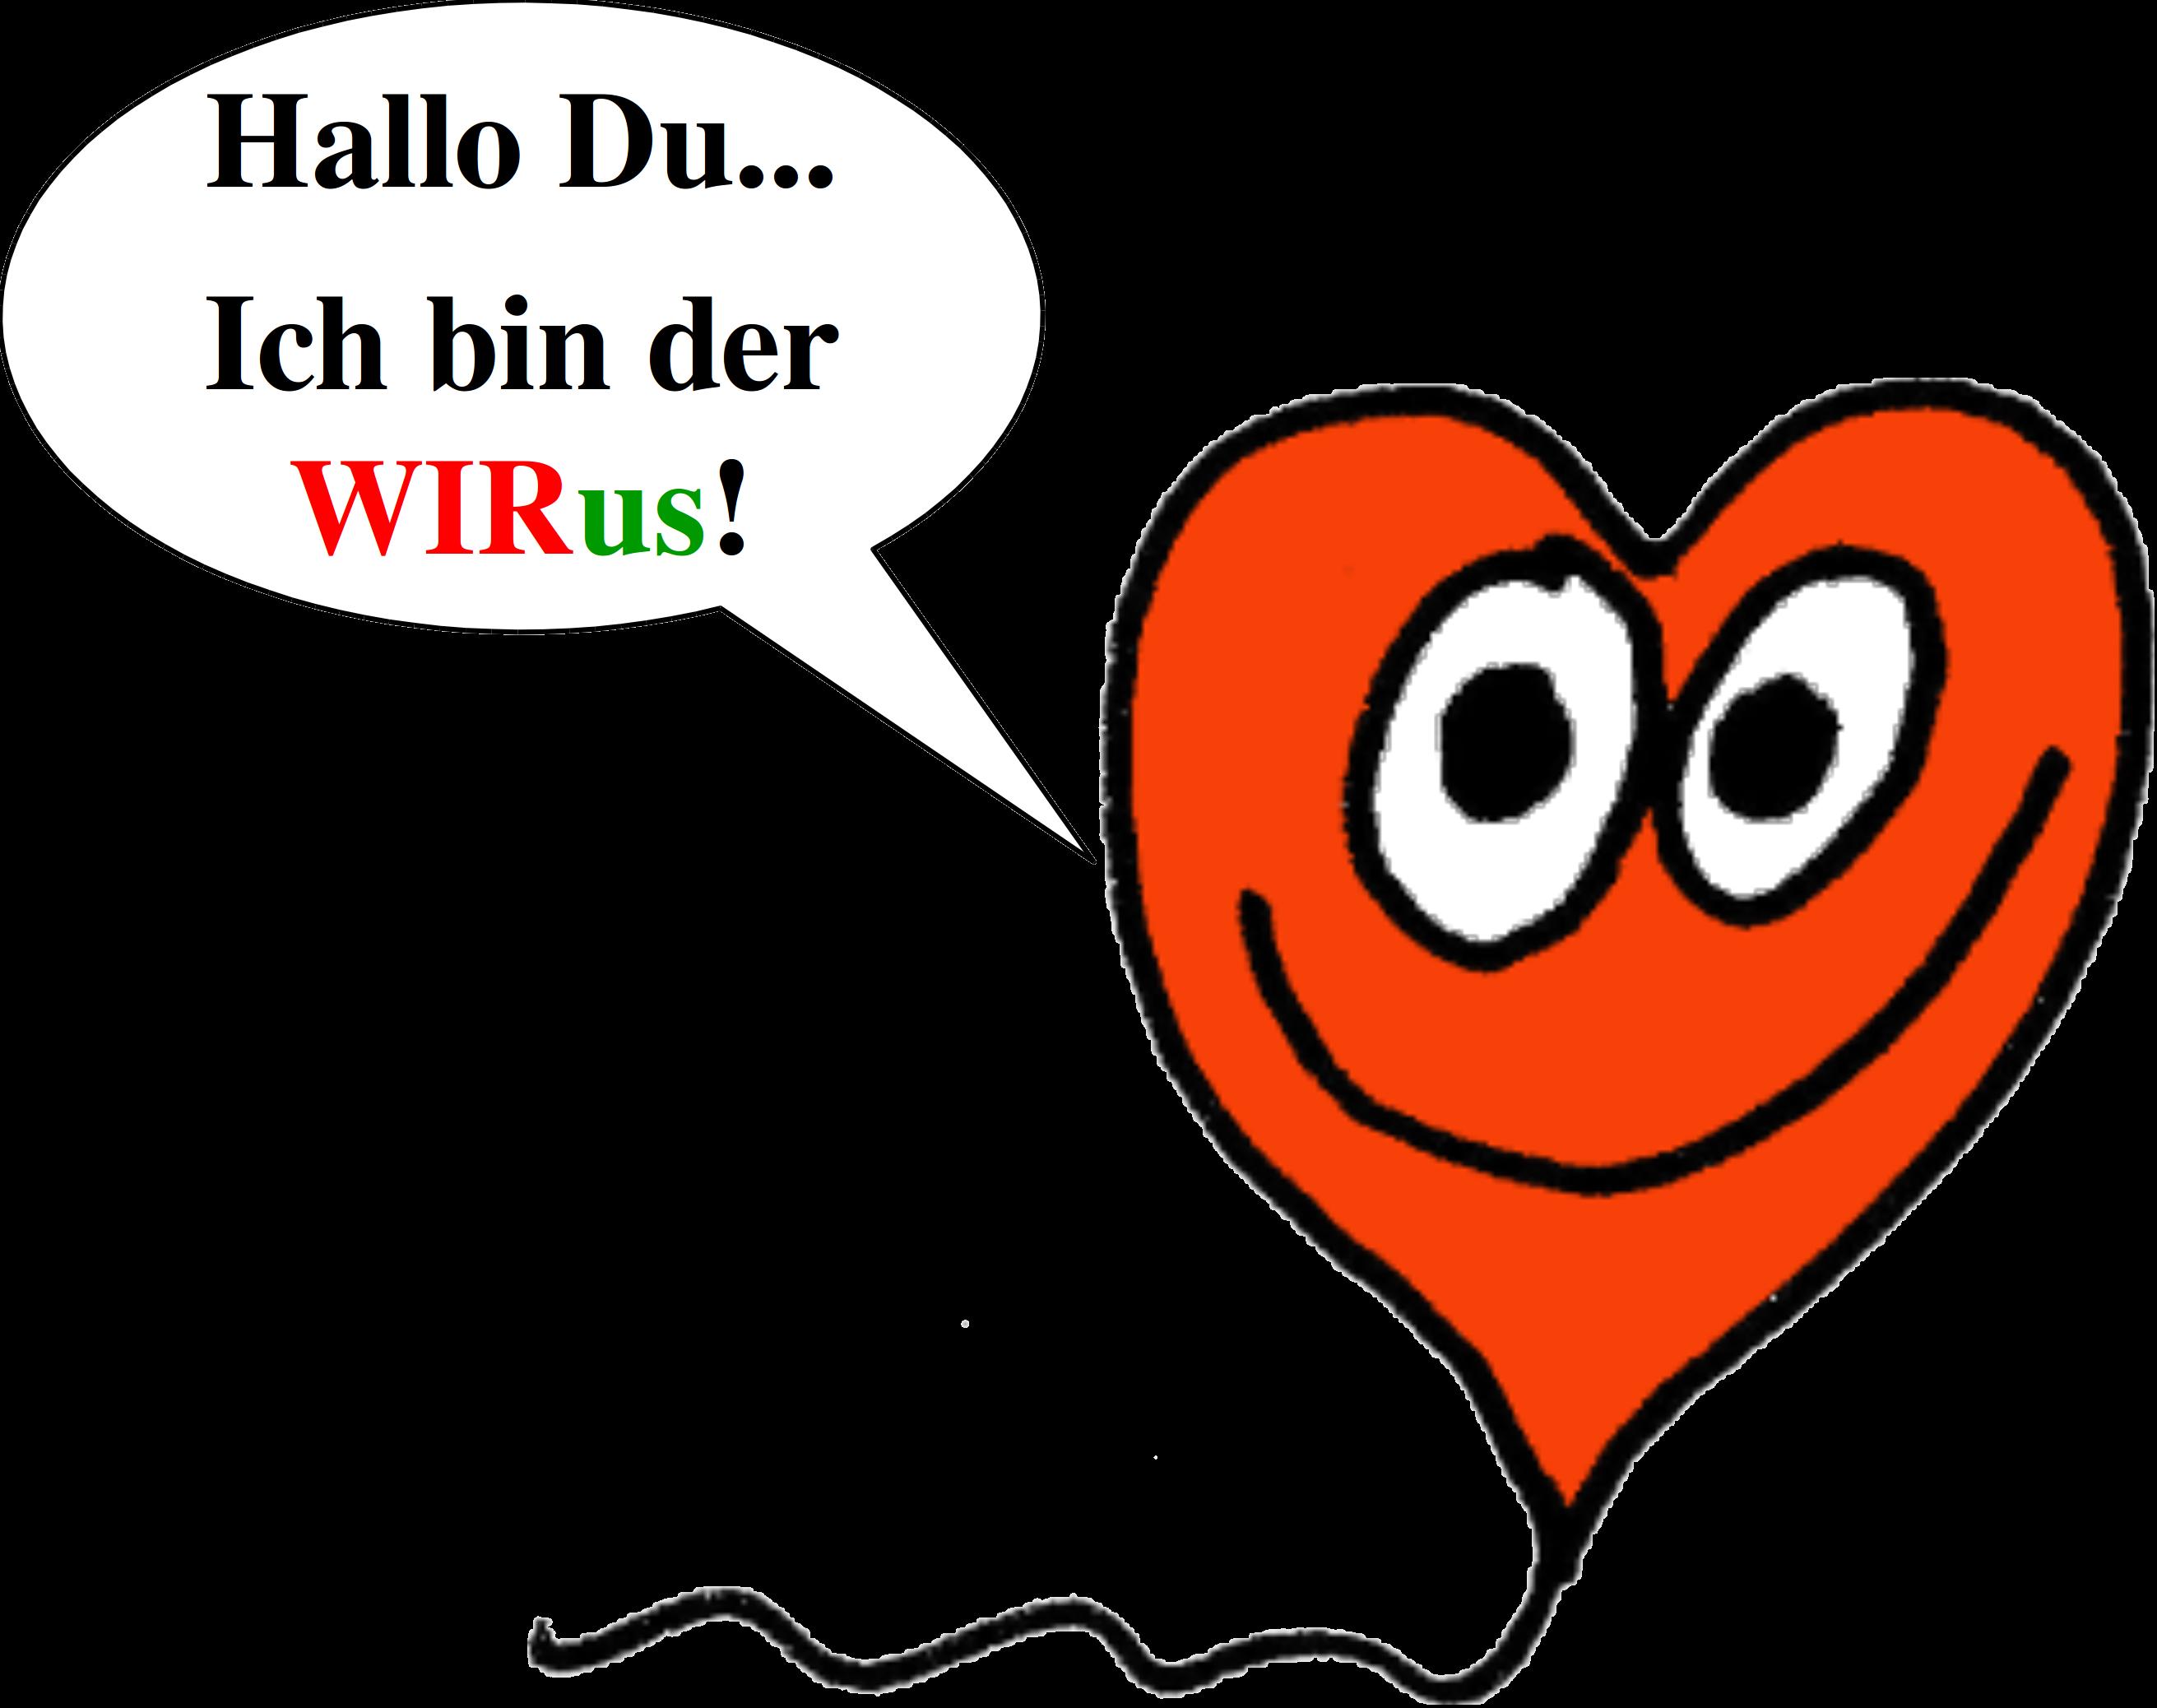 Der WIRus mit Sprechblase 'Hallo Du... Ich bin der WIRus!'